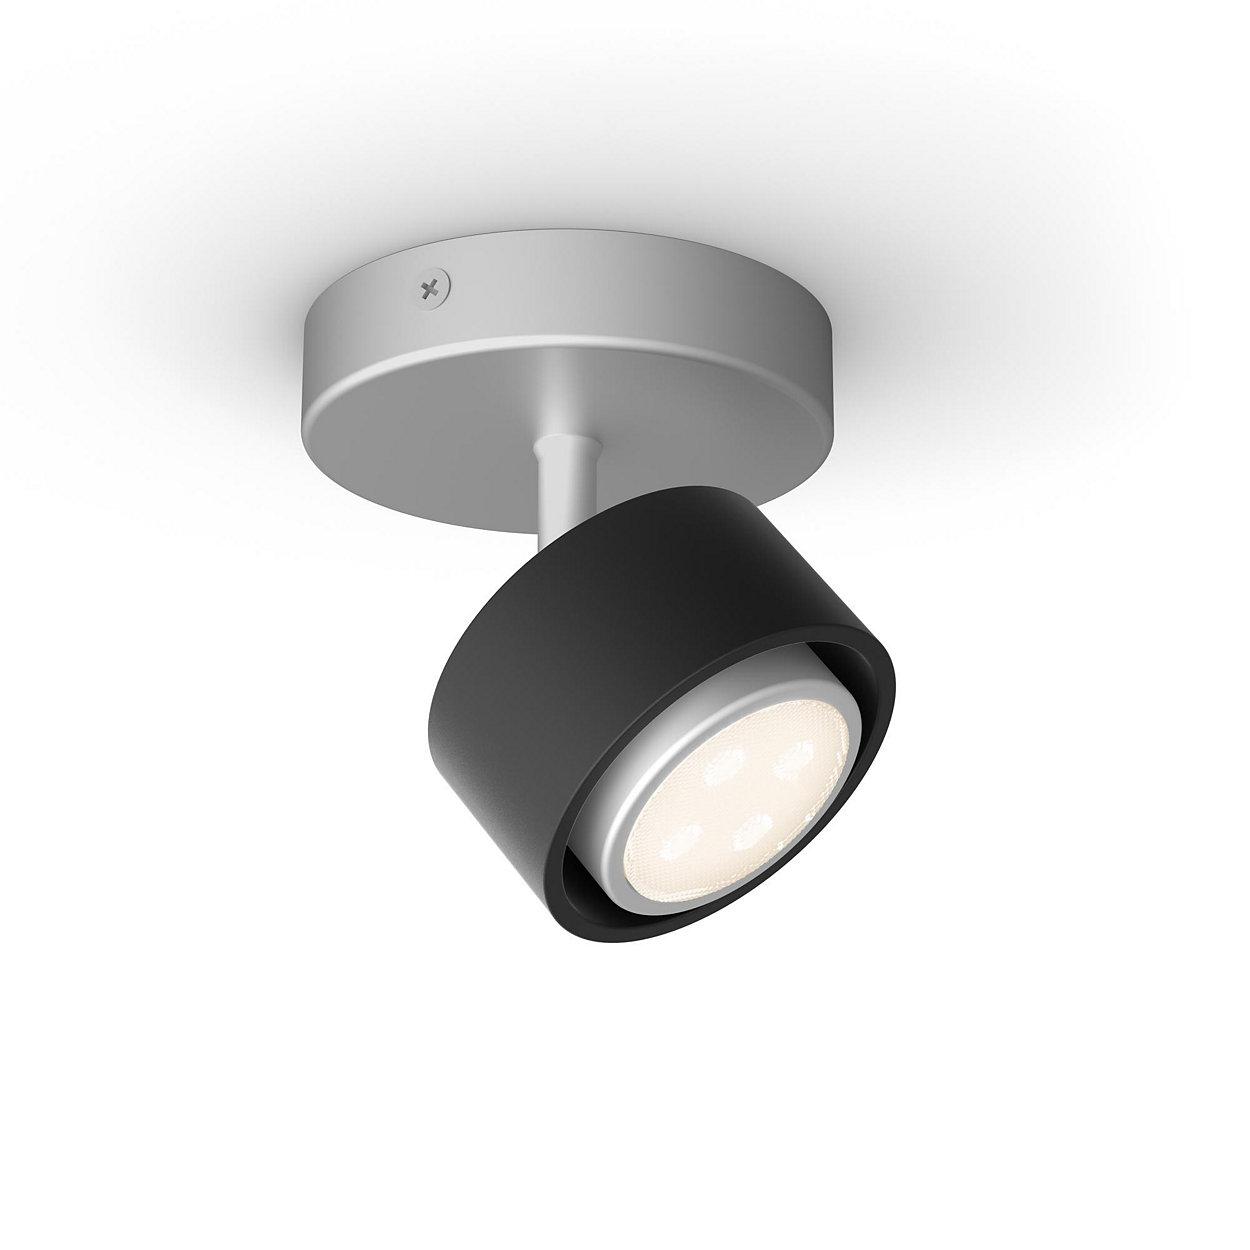 Prijetna LED-svetloba, ki je prijazna do oči